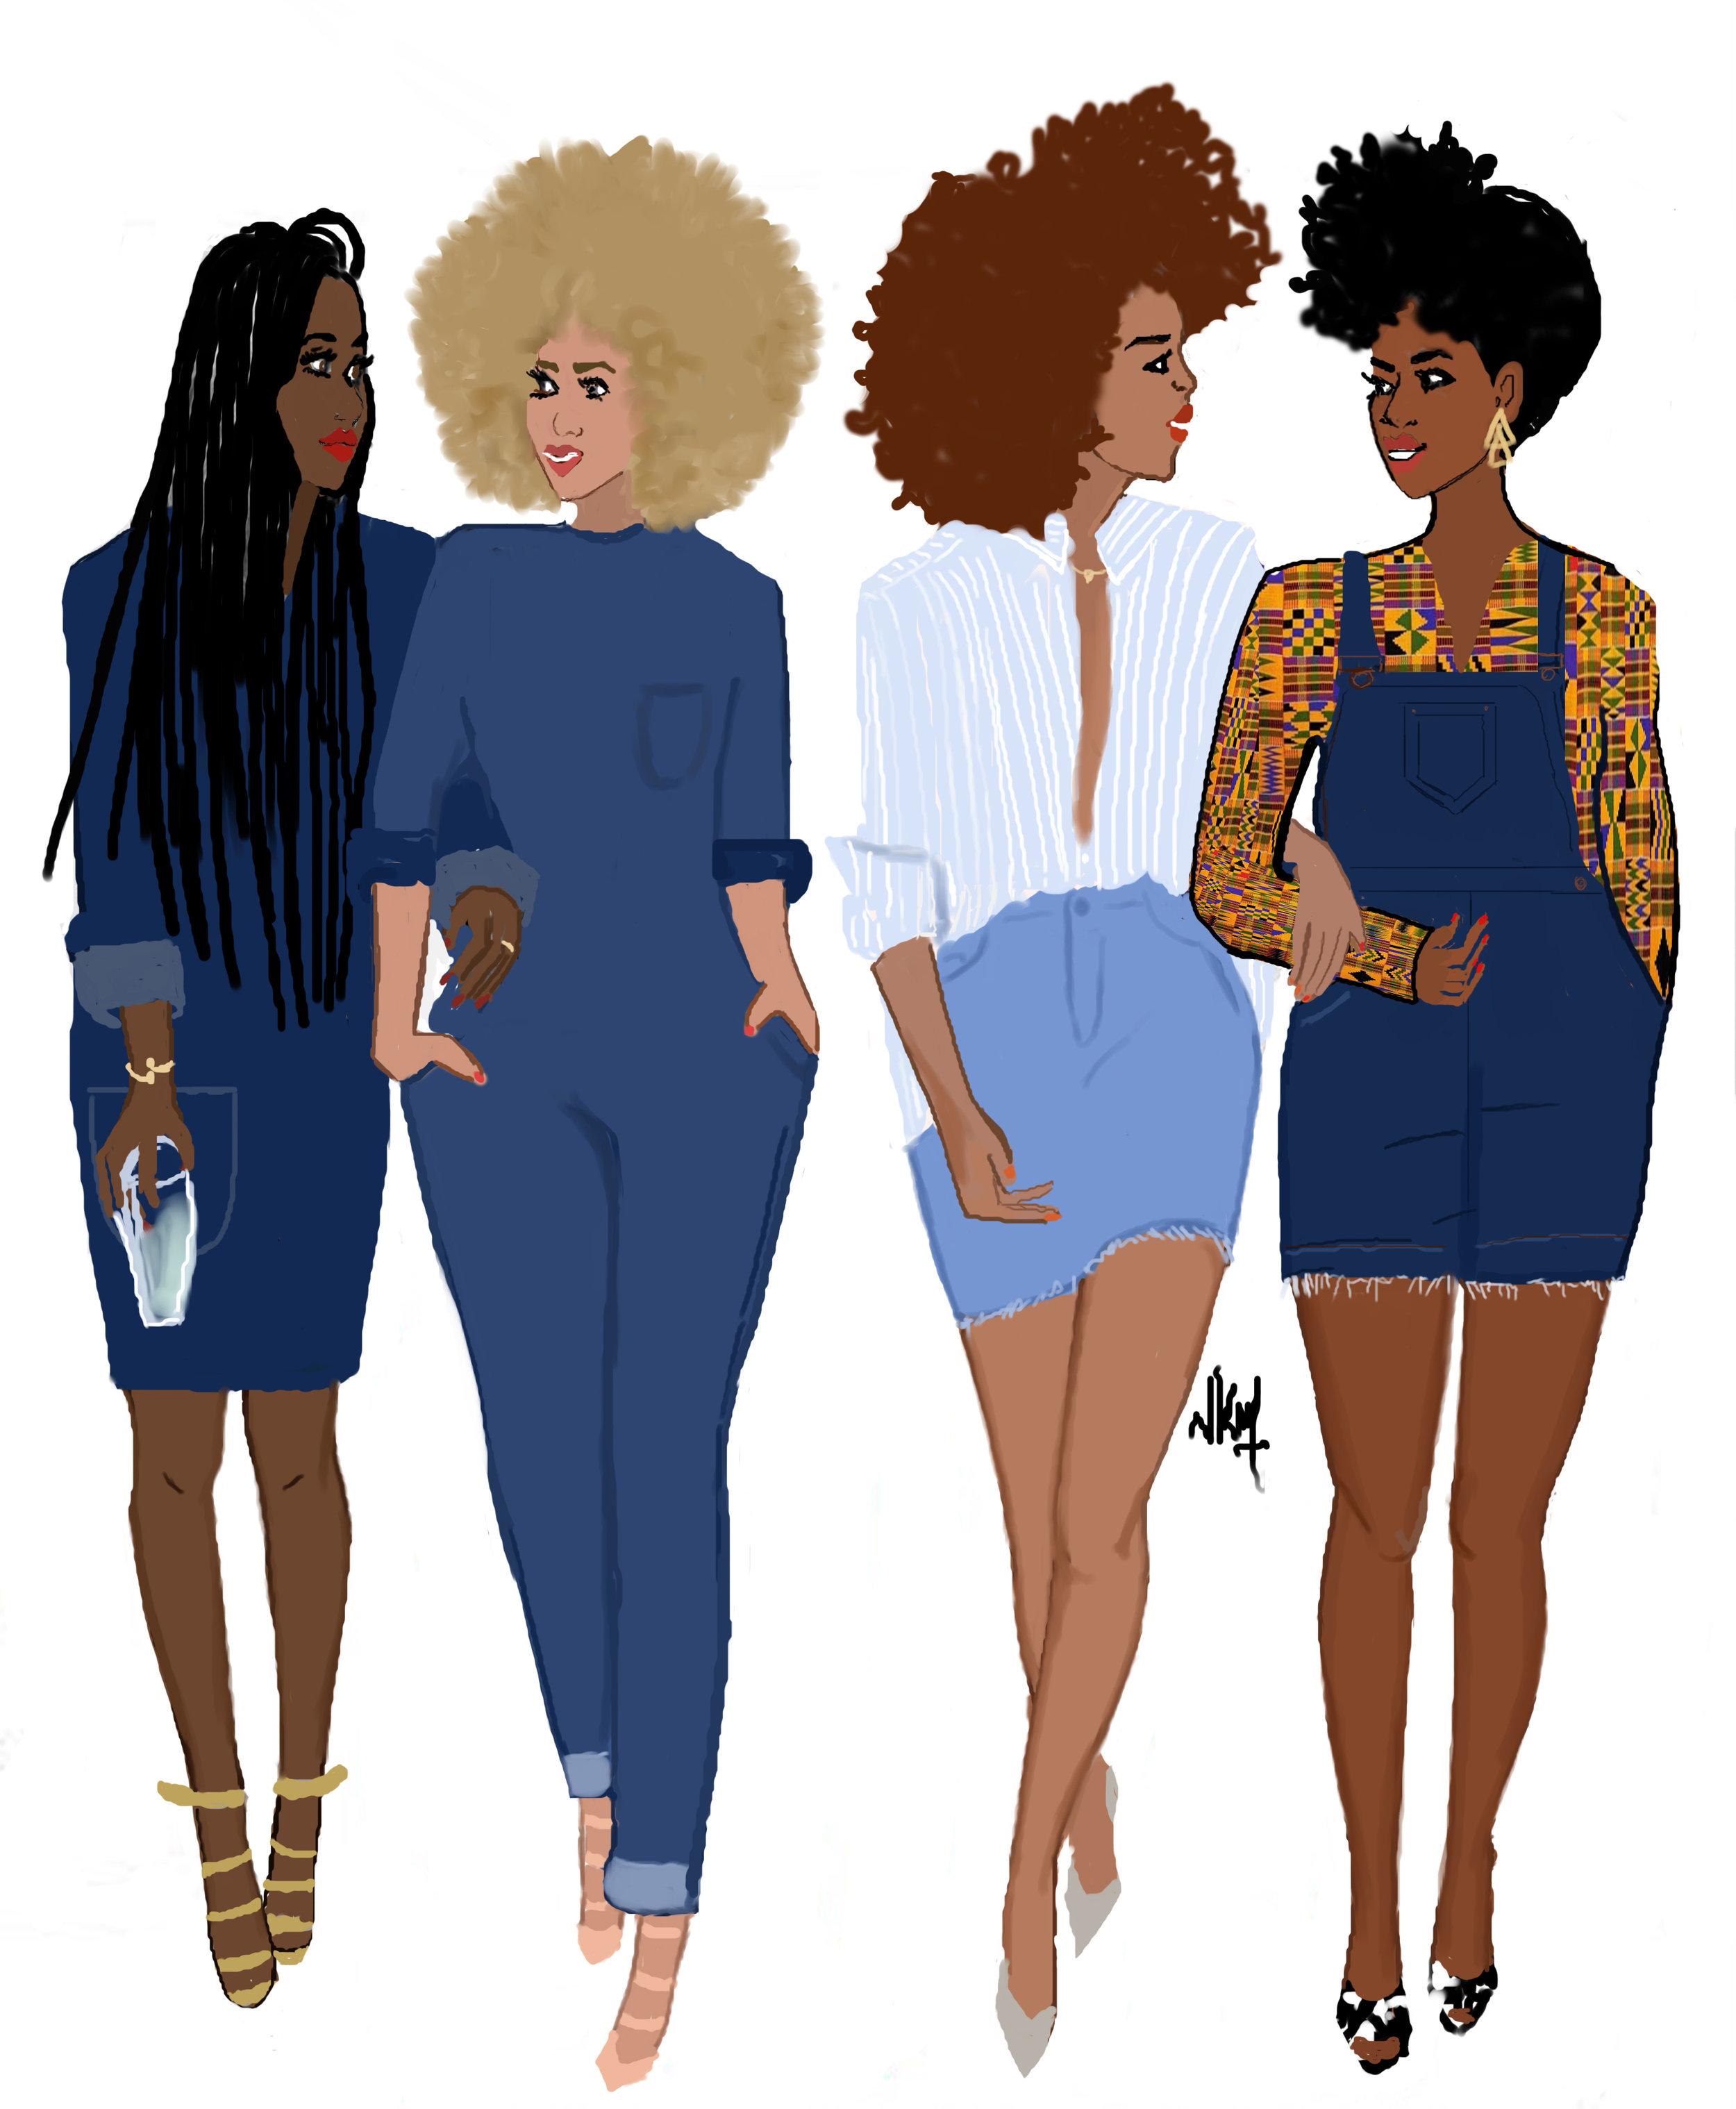 Girls clique.jpg